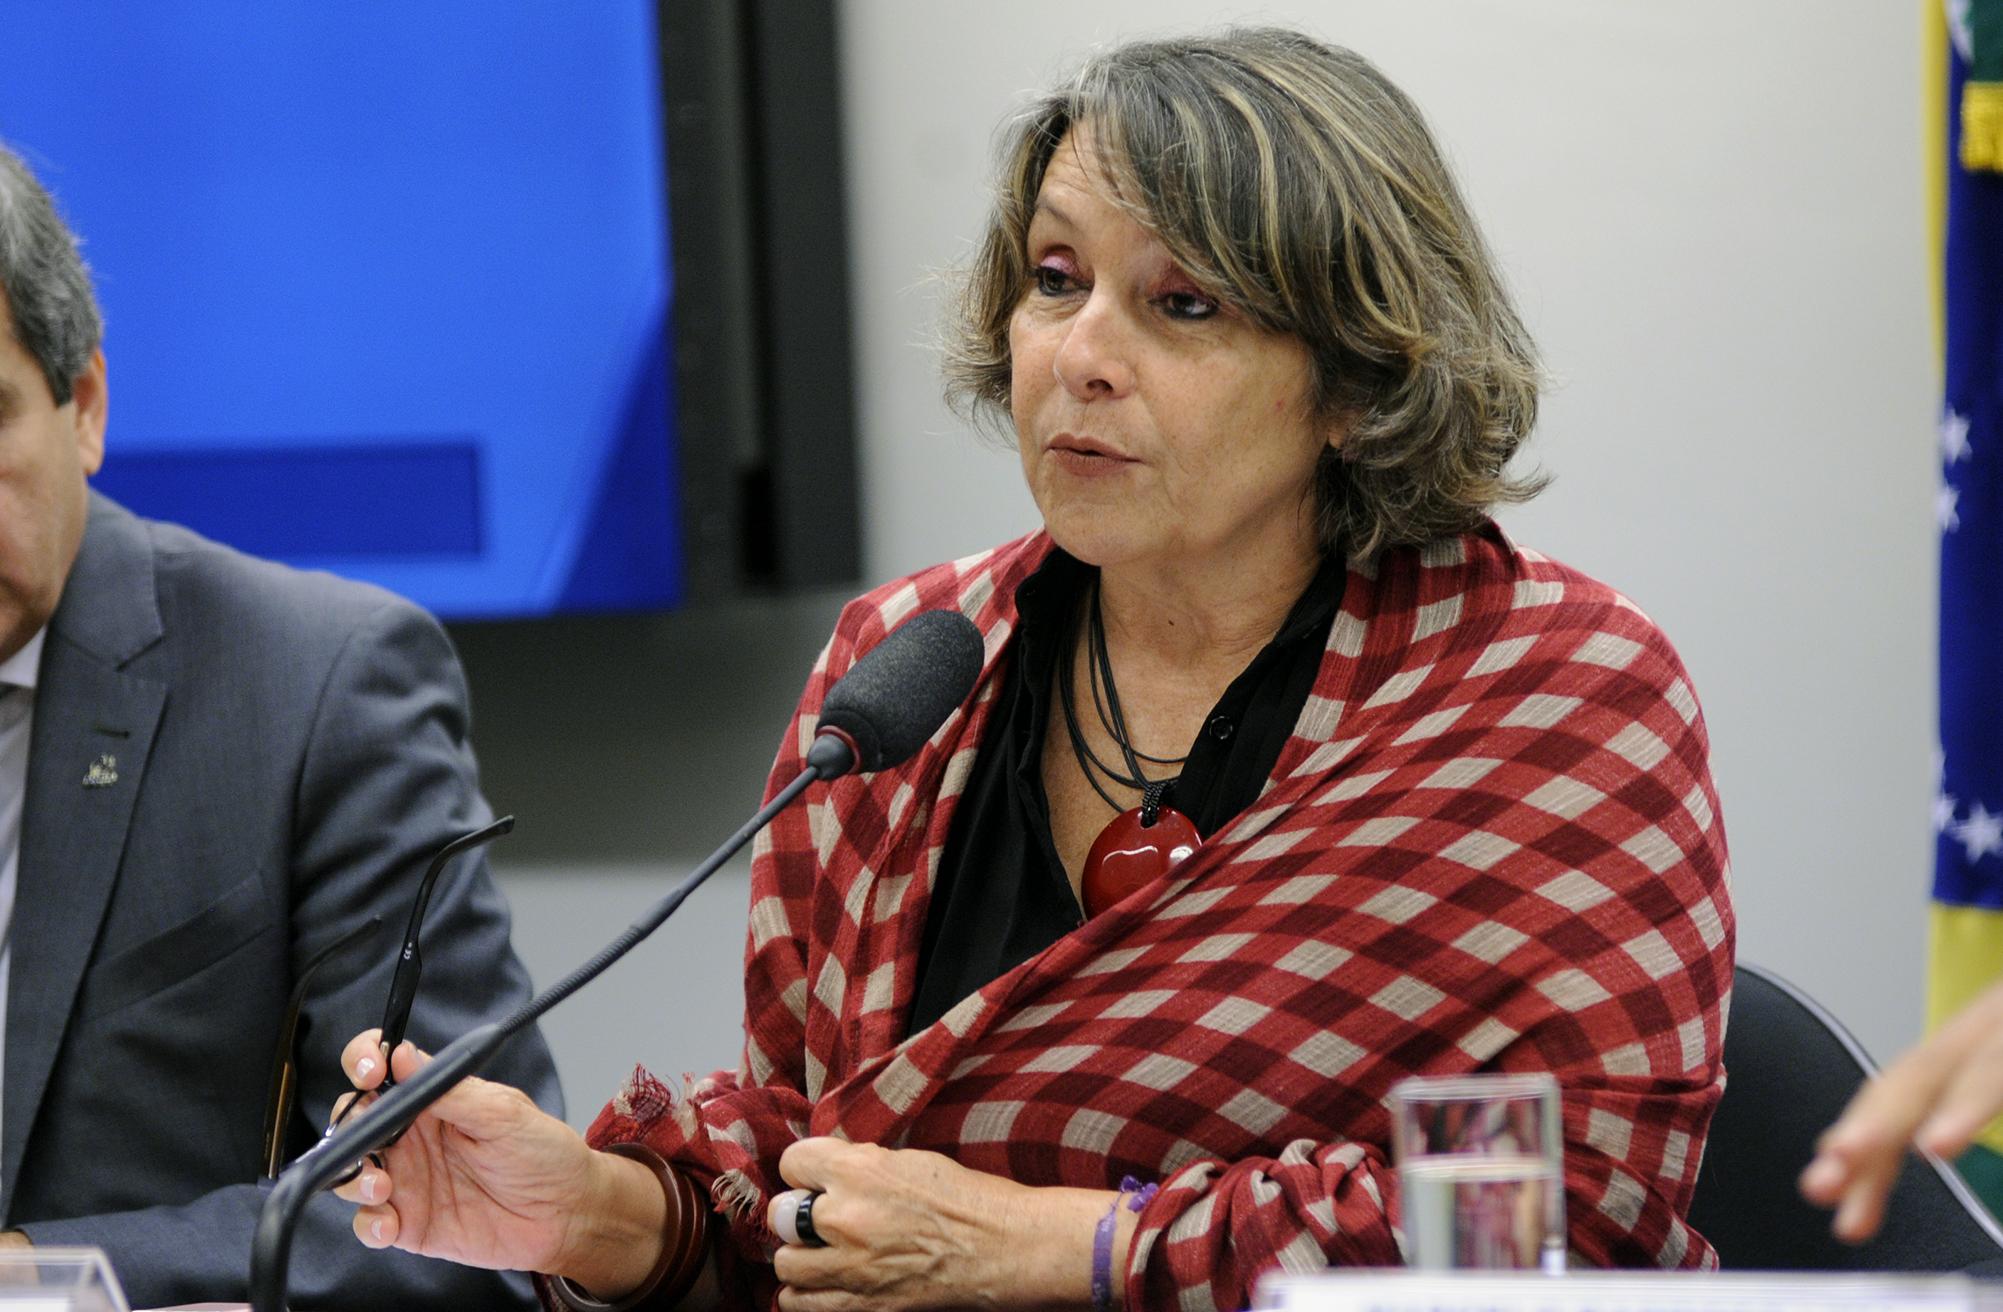 Audiência pública sobre a PEC 287/16, Reforma da Previdência (Regime Próprio dos Servidores Públicos). Dep. Érika Kokay